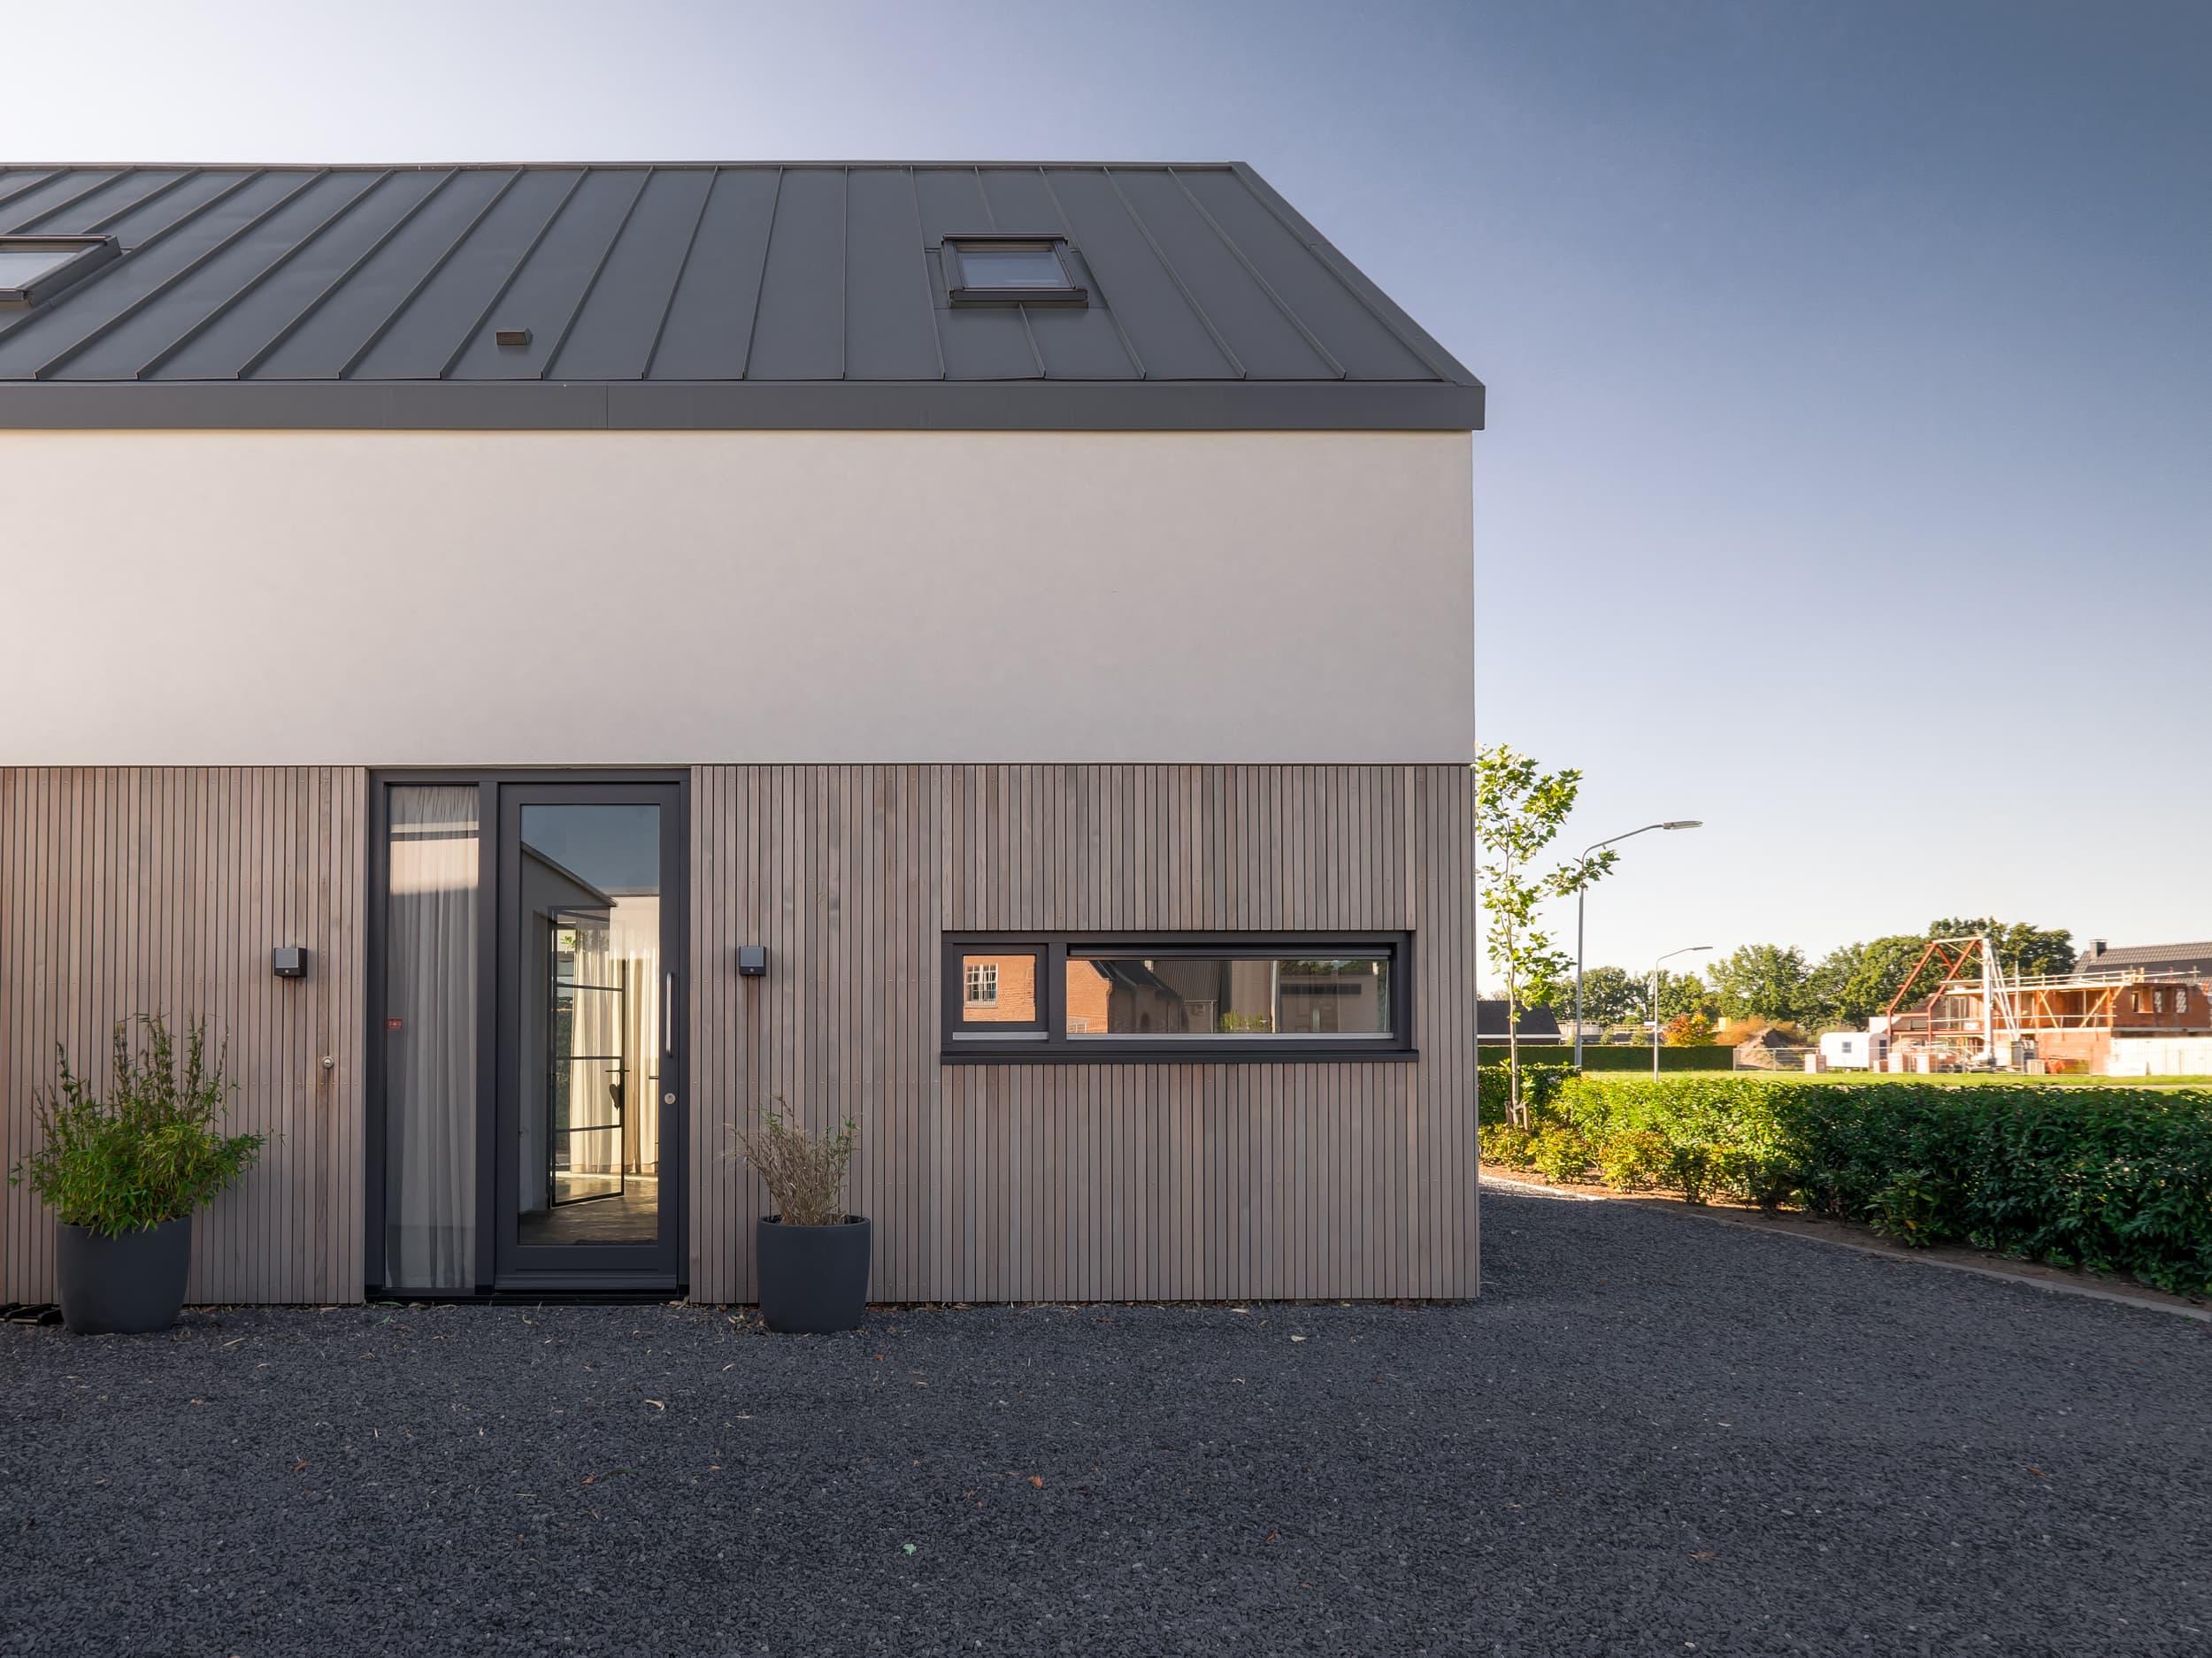 Nieuwbouw woning Hoge Gouw Teteringen in houten gevelbekleding en stucwerk